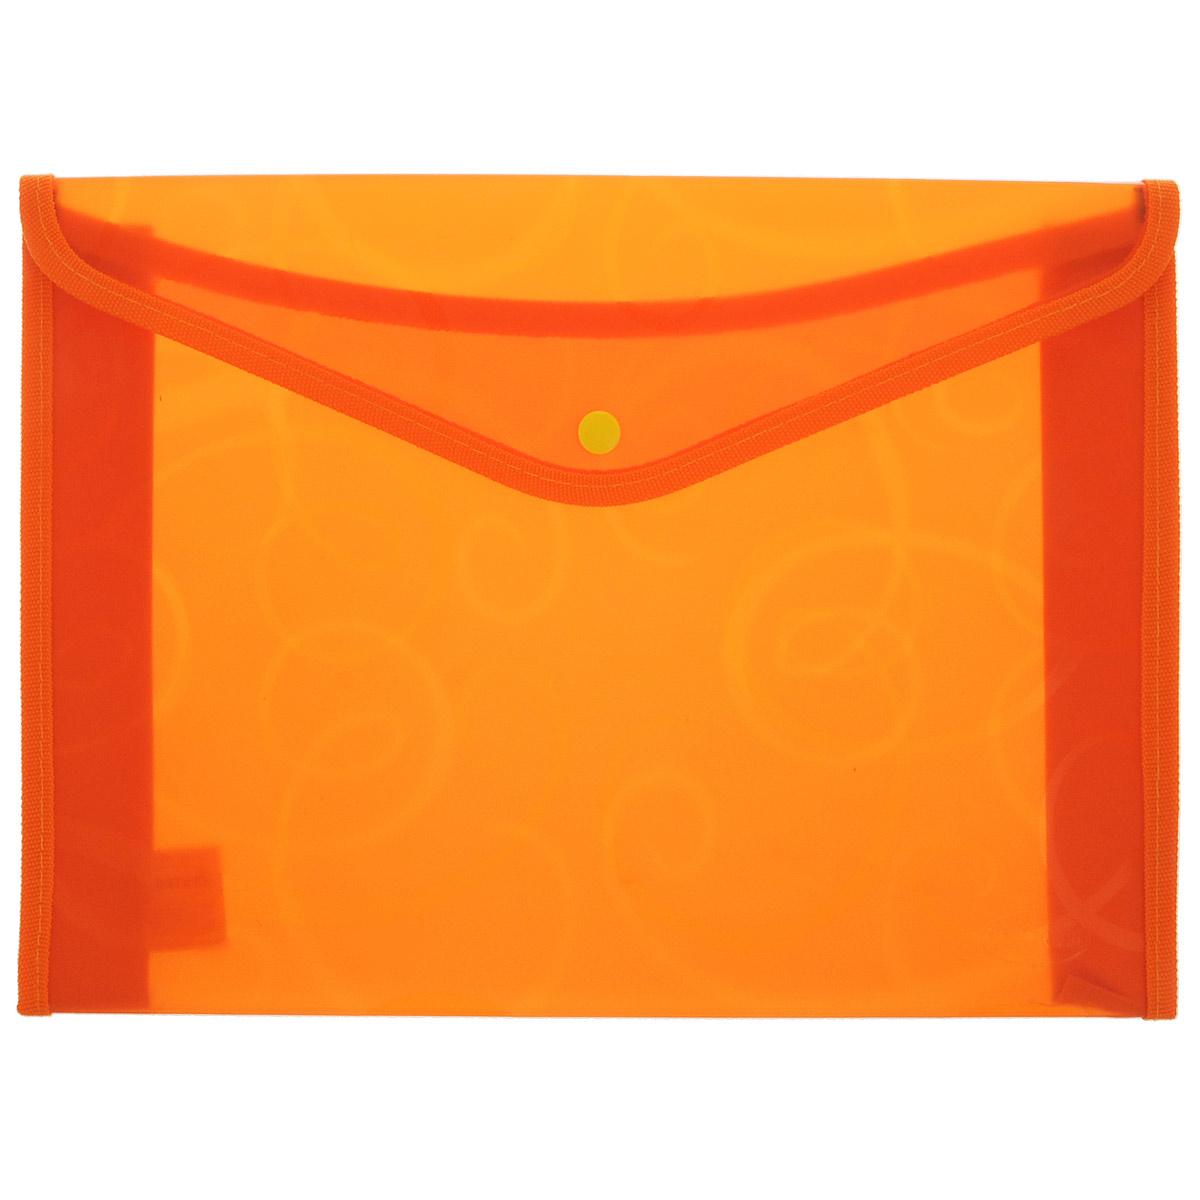 Папка конверт Centrum, на кнопке, цвет: оранжевый, формат А4 папки канцелярские centrum папка регистр а4 5 см фиолетовая